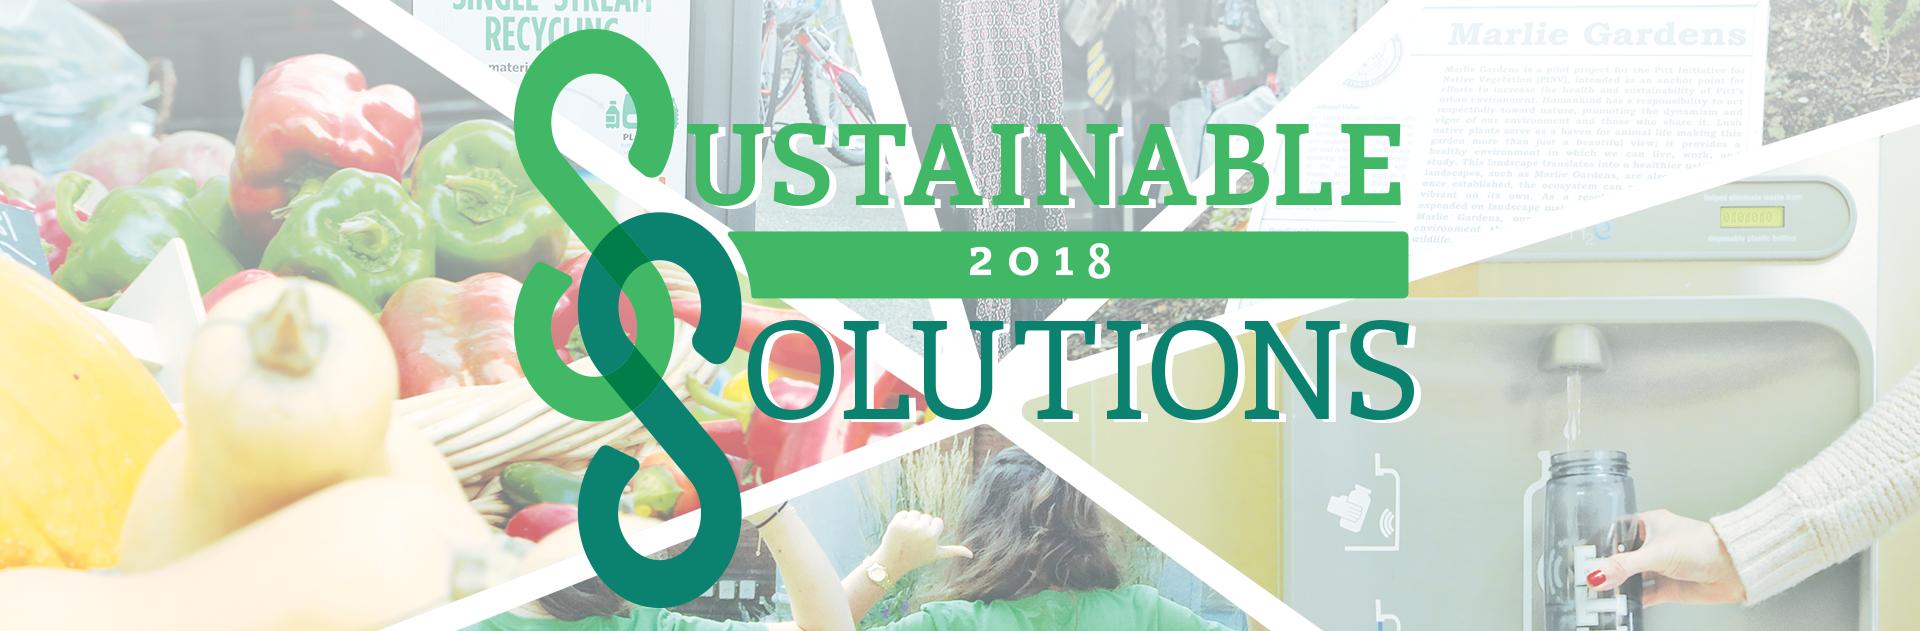 SustainbleSolutions_slide